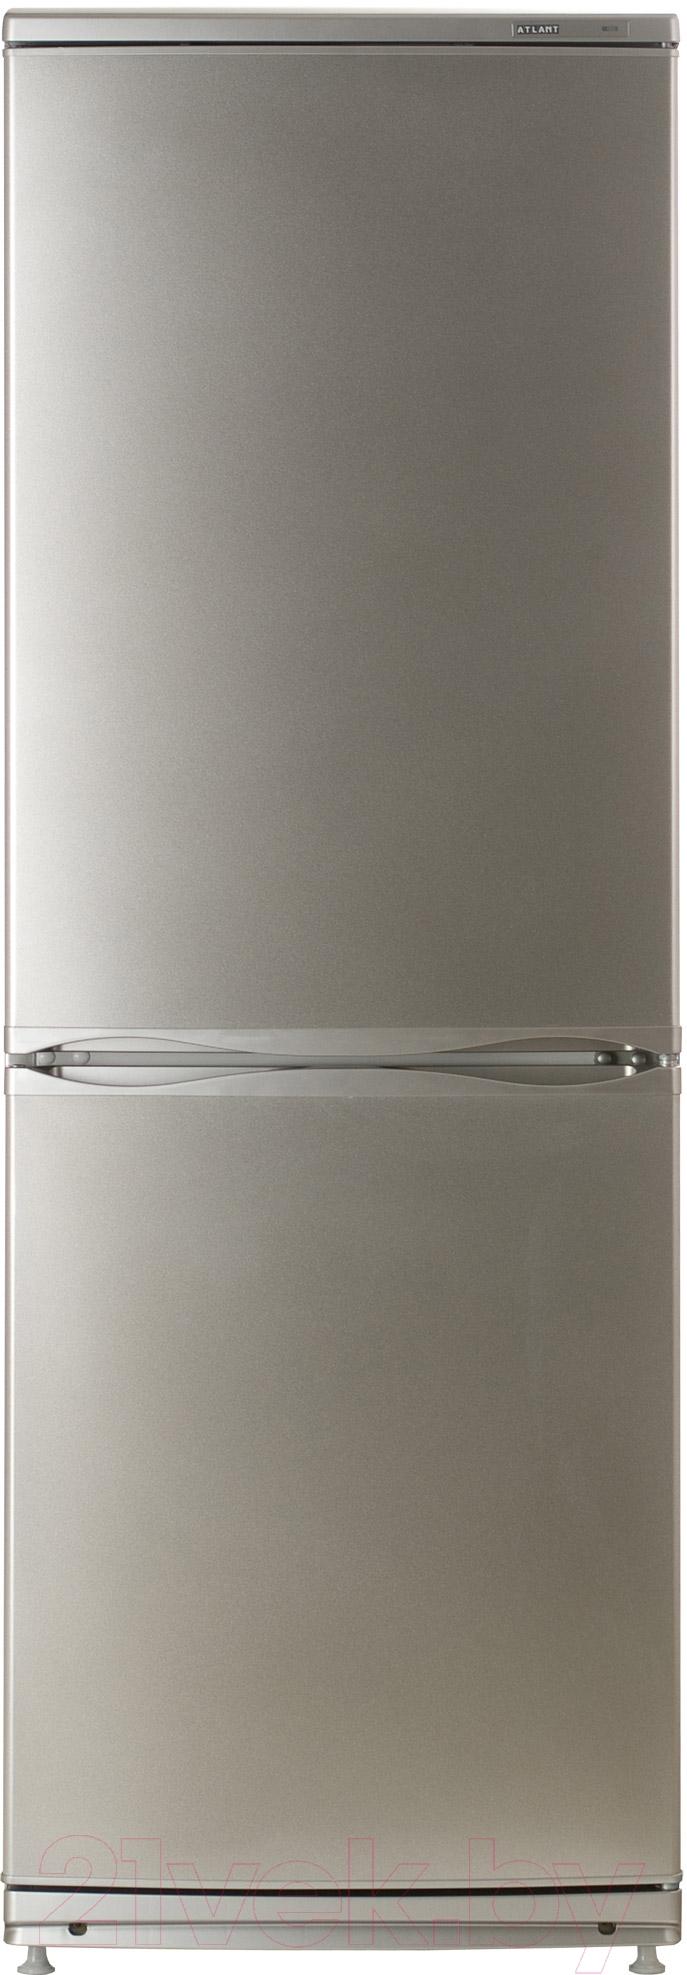 Купить Холодильник с морозильником ATLANT, ХМ 4012-080, Беларусь